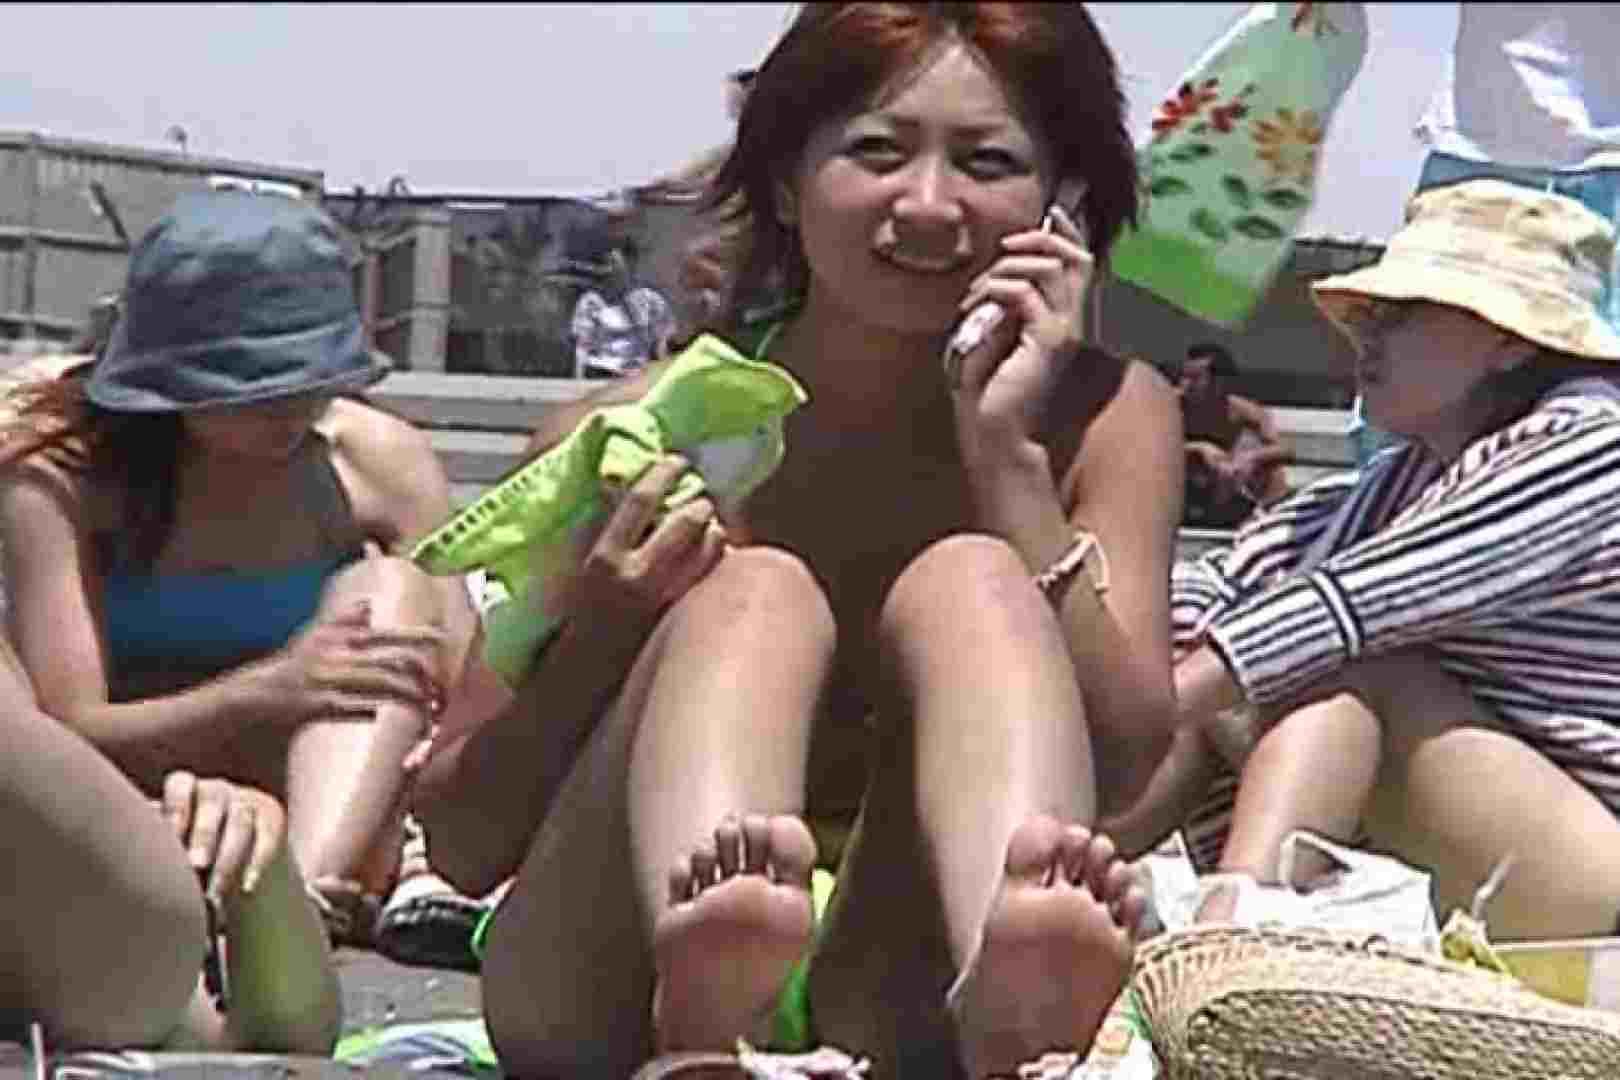 ビーチで起きたあなたの知らない世界!!Vol.4 OLエロ画像  61PICs 26